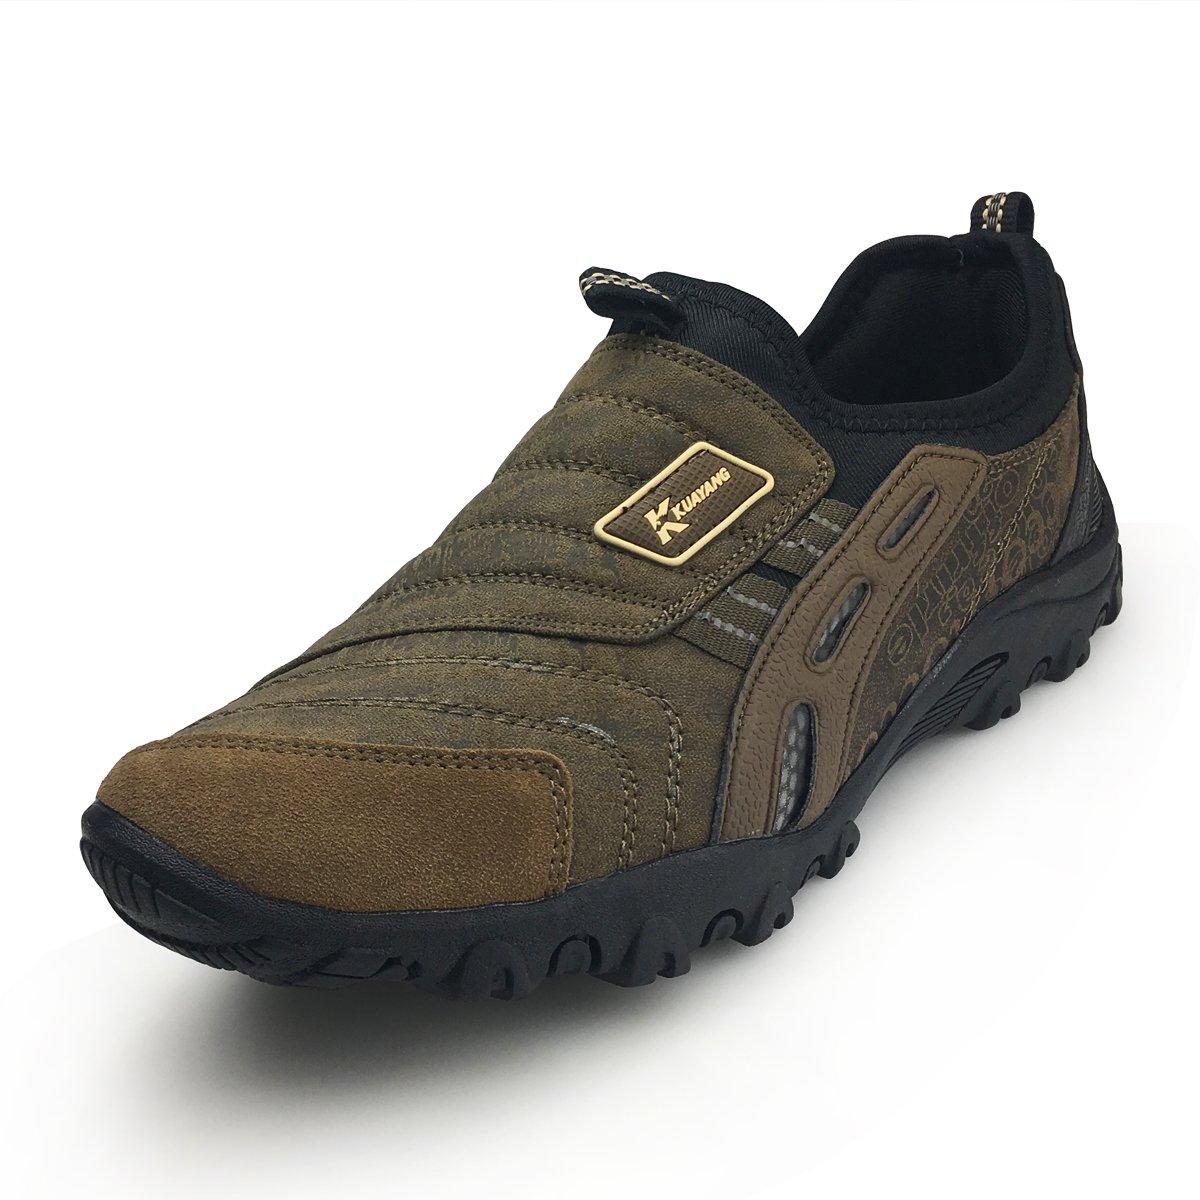 XiaoYouYu Men Slip On Sneaker - Outdoor Hiking Shoe Sport Trail Running Shoes Casual Trekking Shoes 7 D(M) US = EU 39 Style#1 Brown